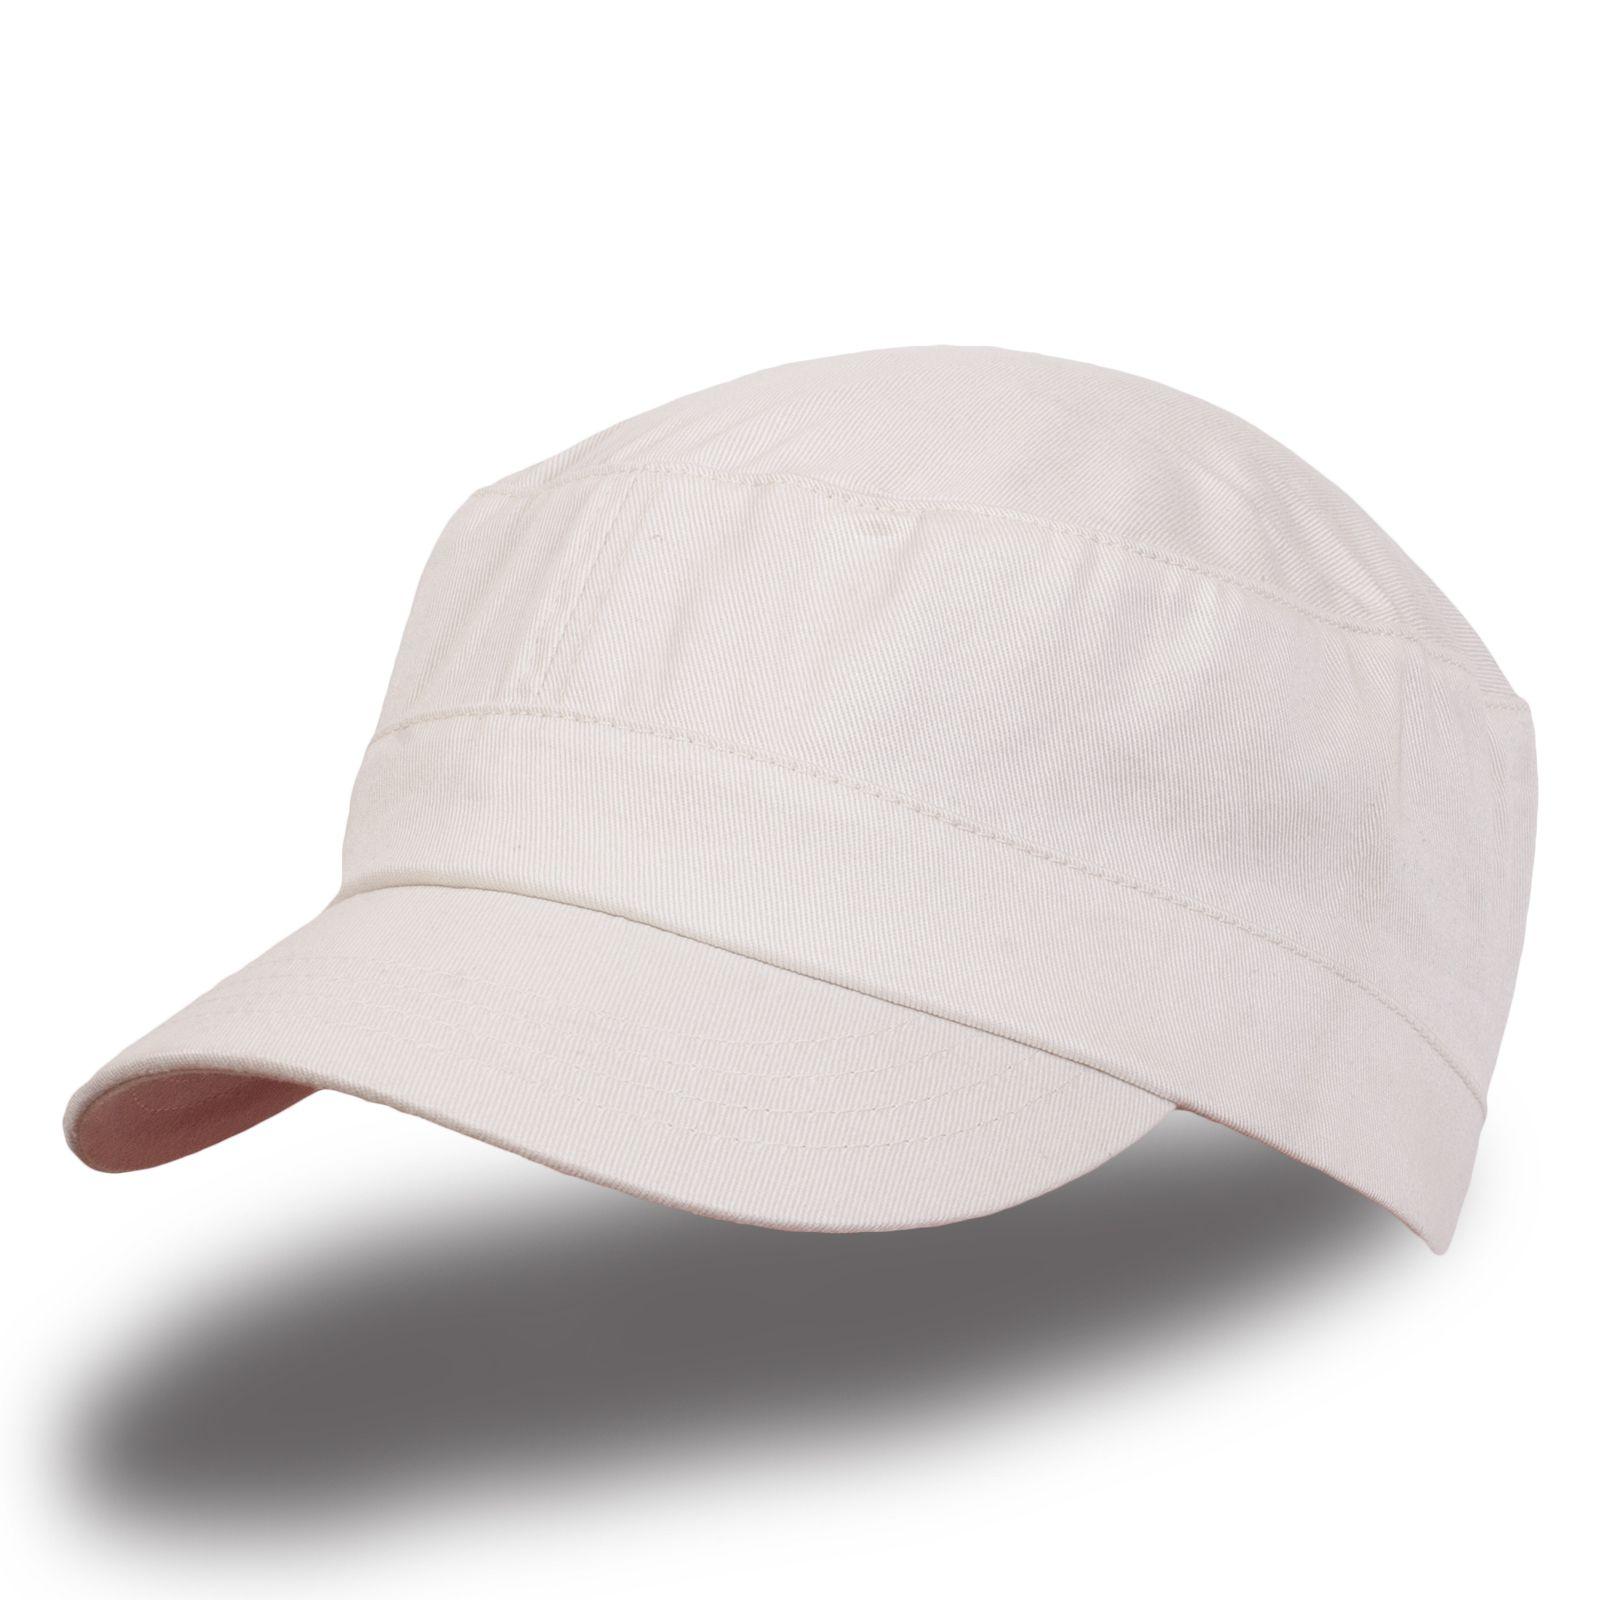 Кепка белая - купить в интернет-магазине